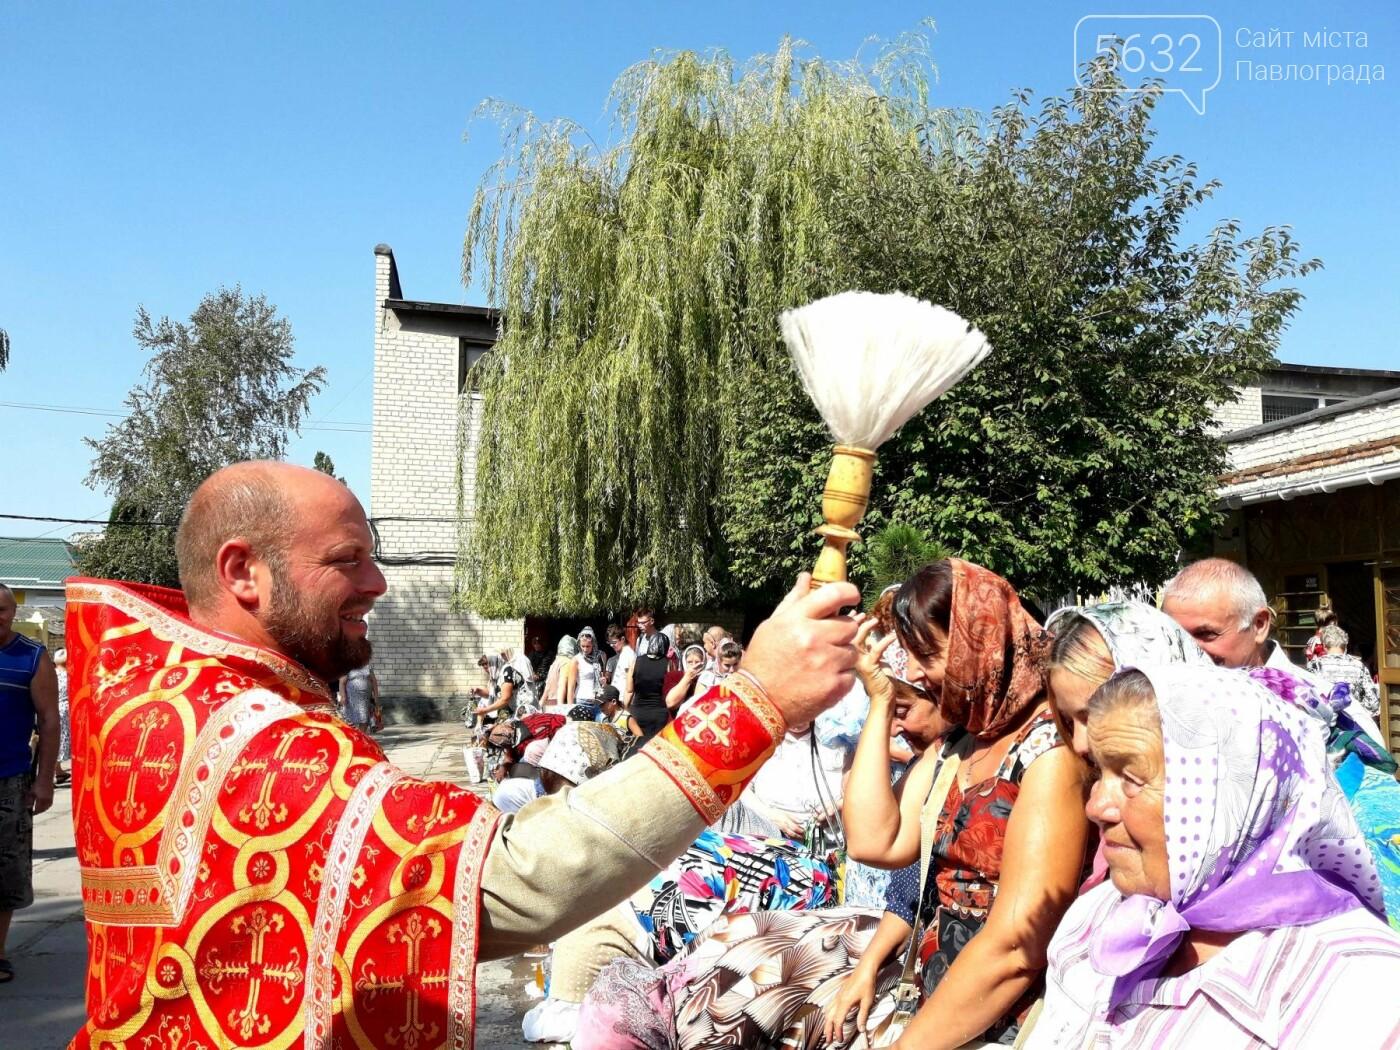 Павлоградцы отпраздновали Медовый Спас, фото-5